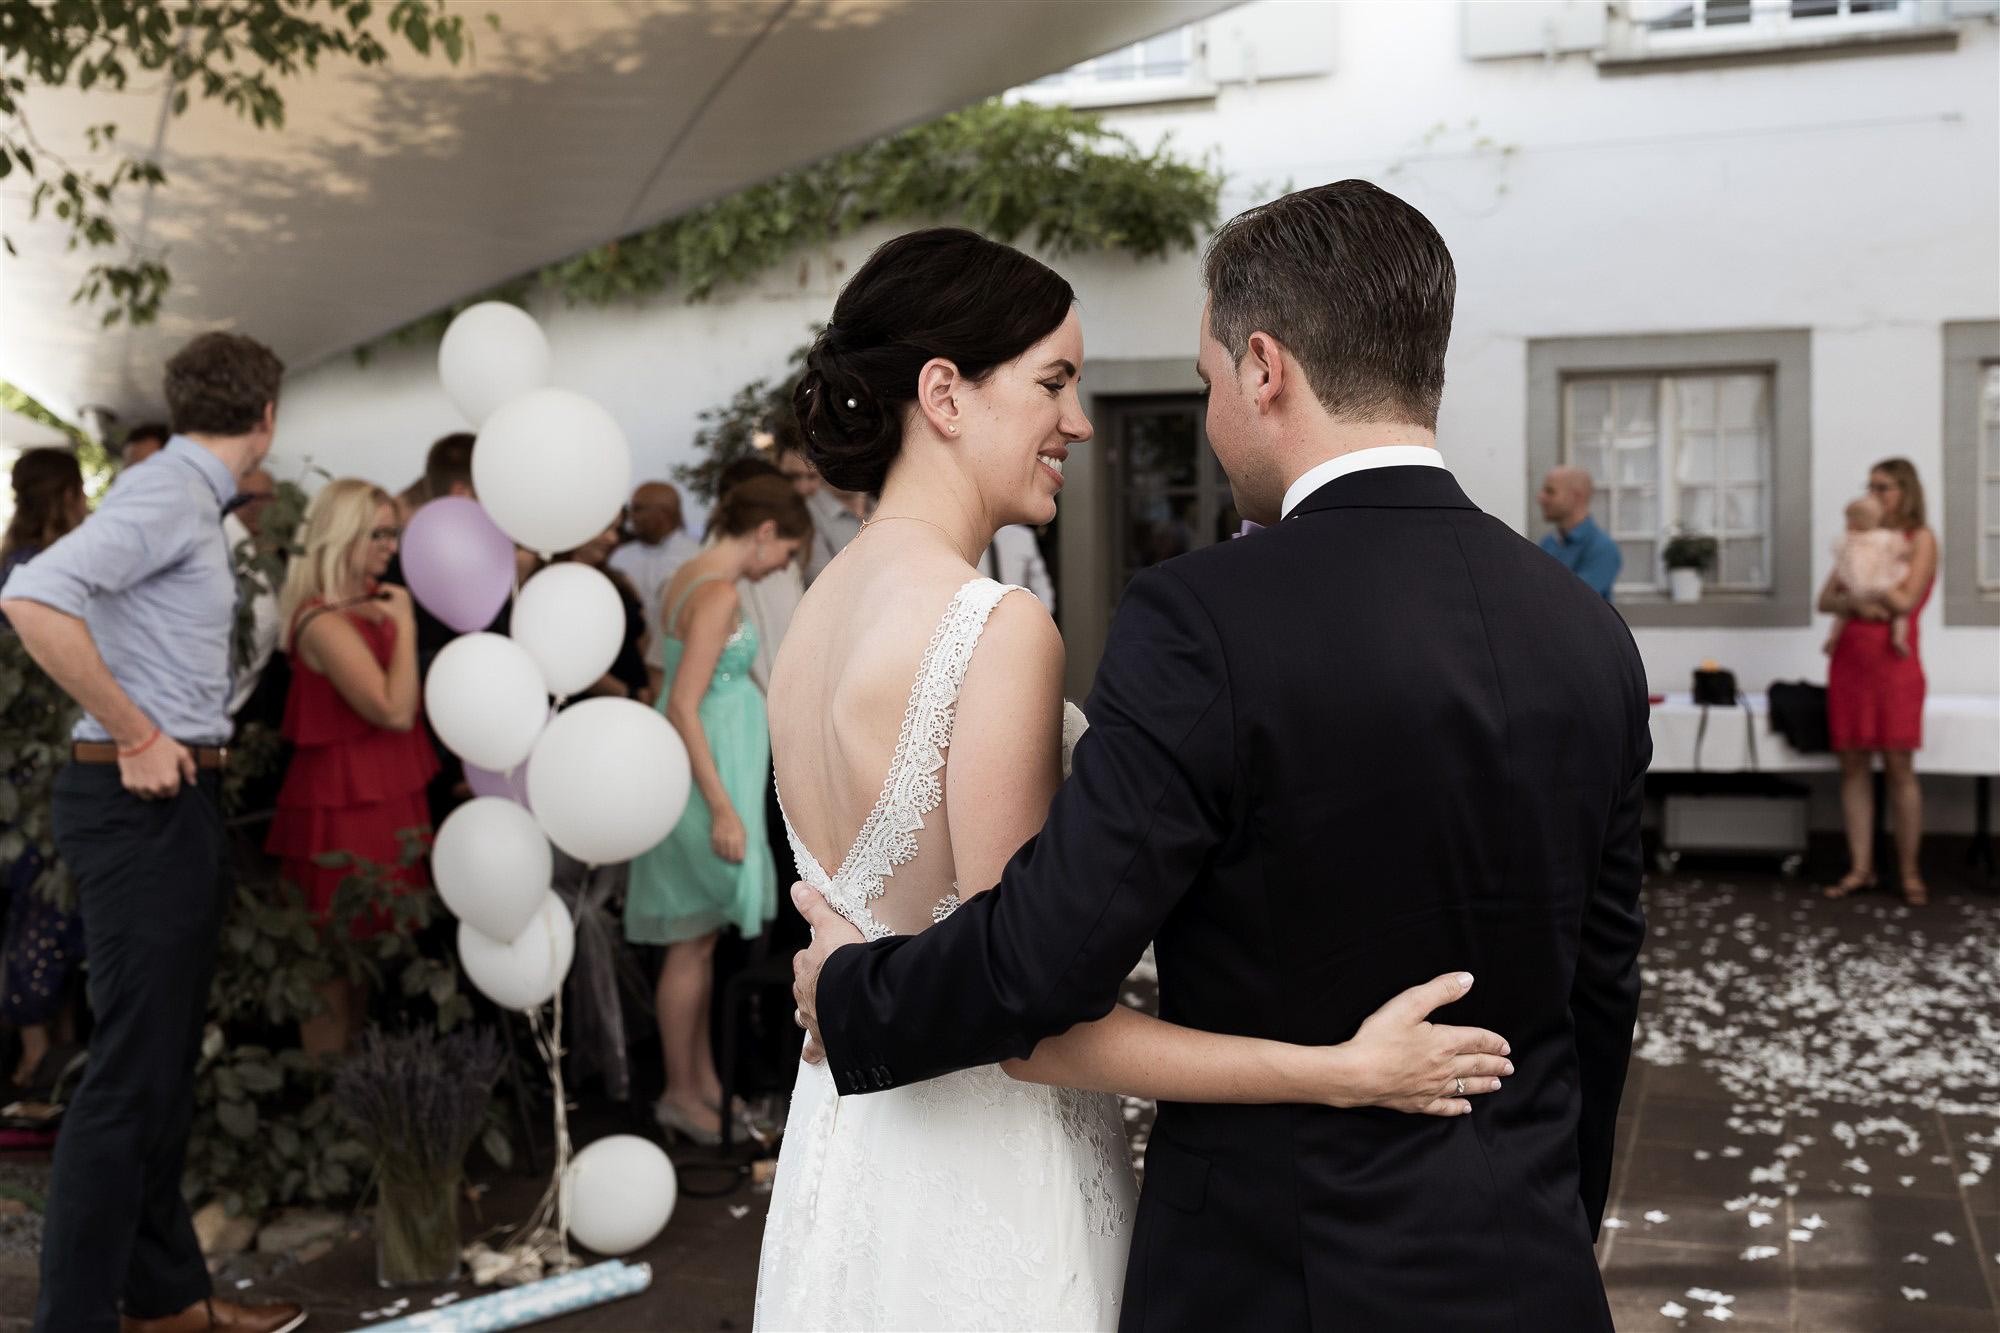 Hochzeit im Teufelhof - Hochzeitsfotograf Nicole.Gallery